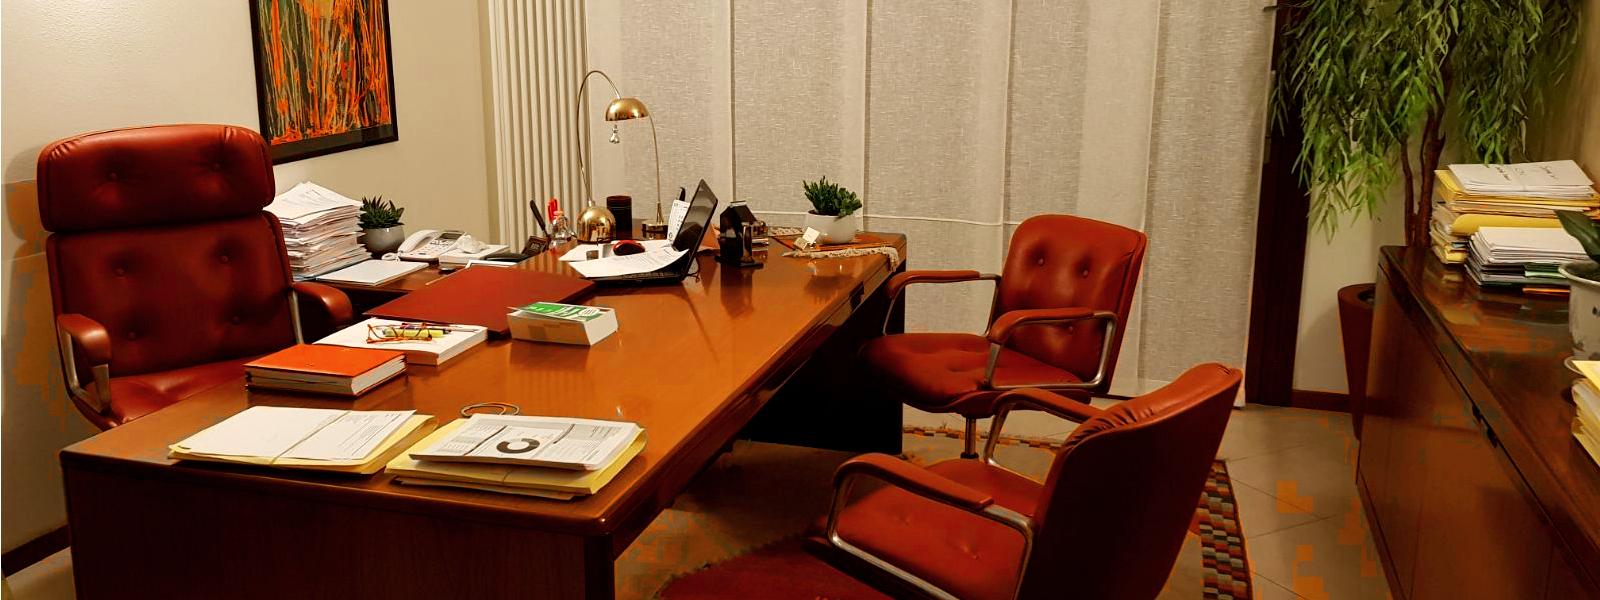 Studio Legale Spiga Foto Copertina 1